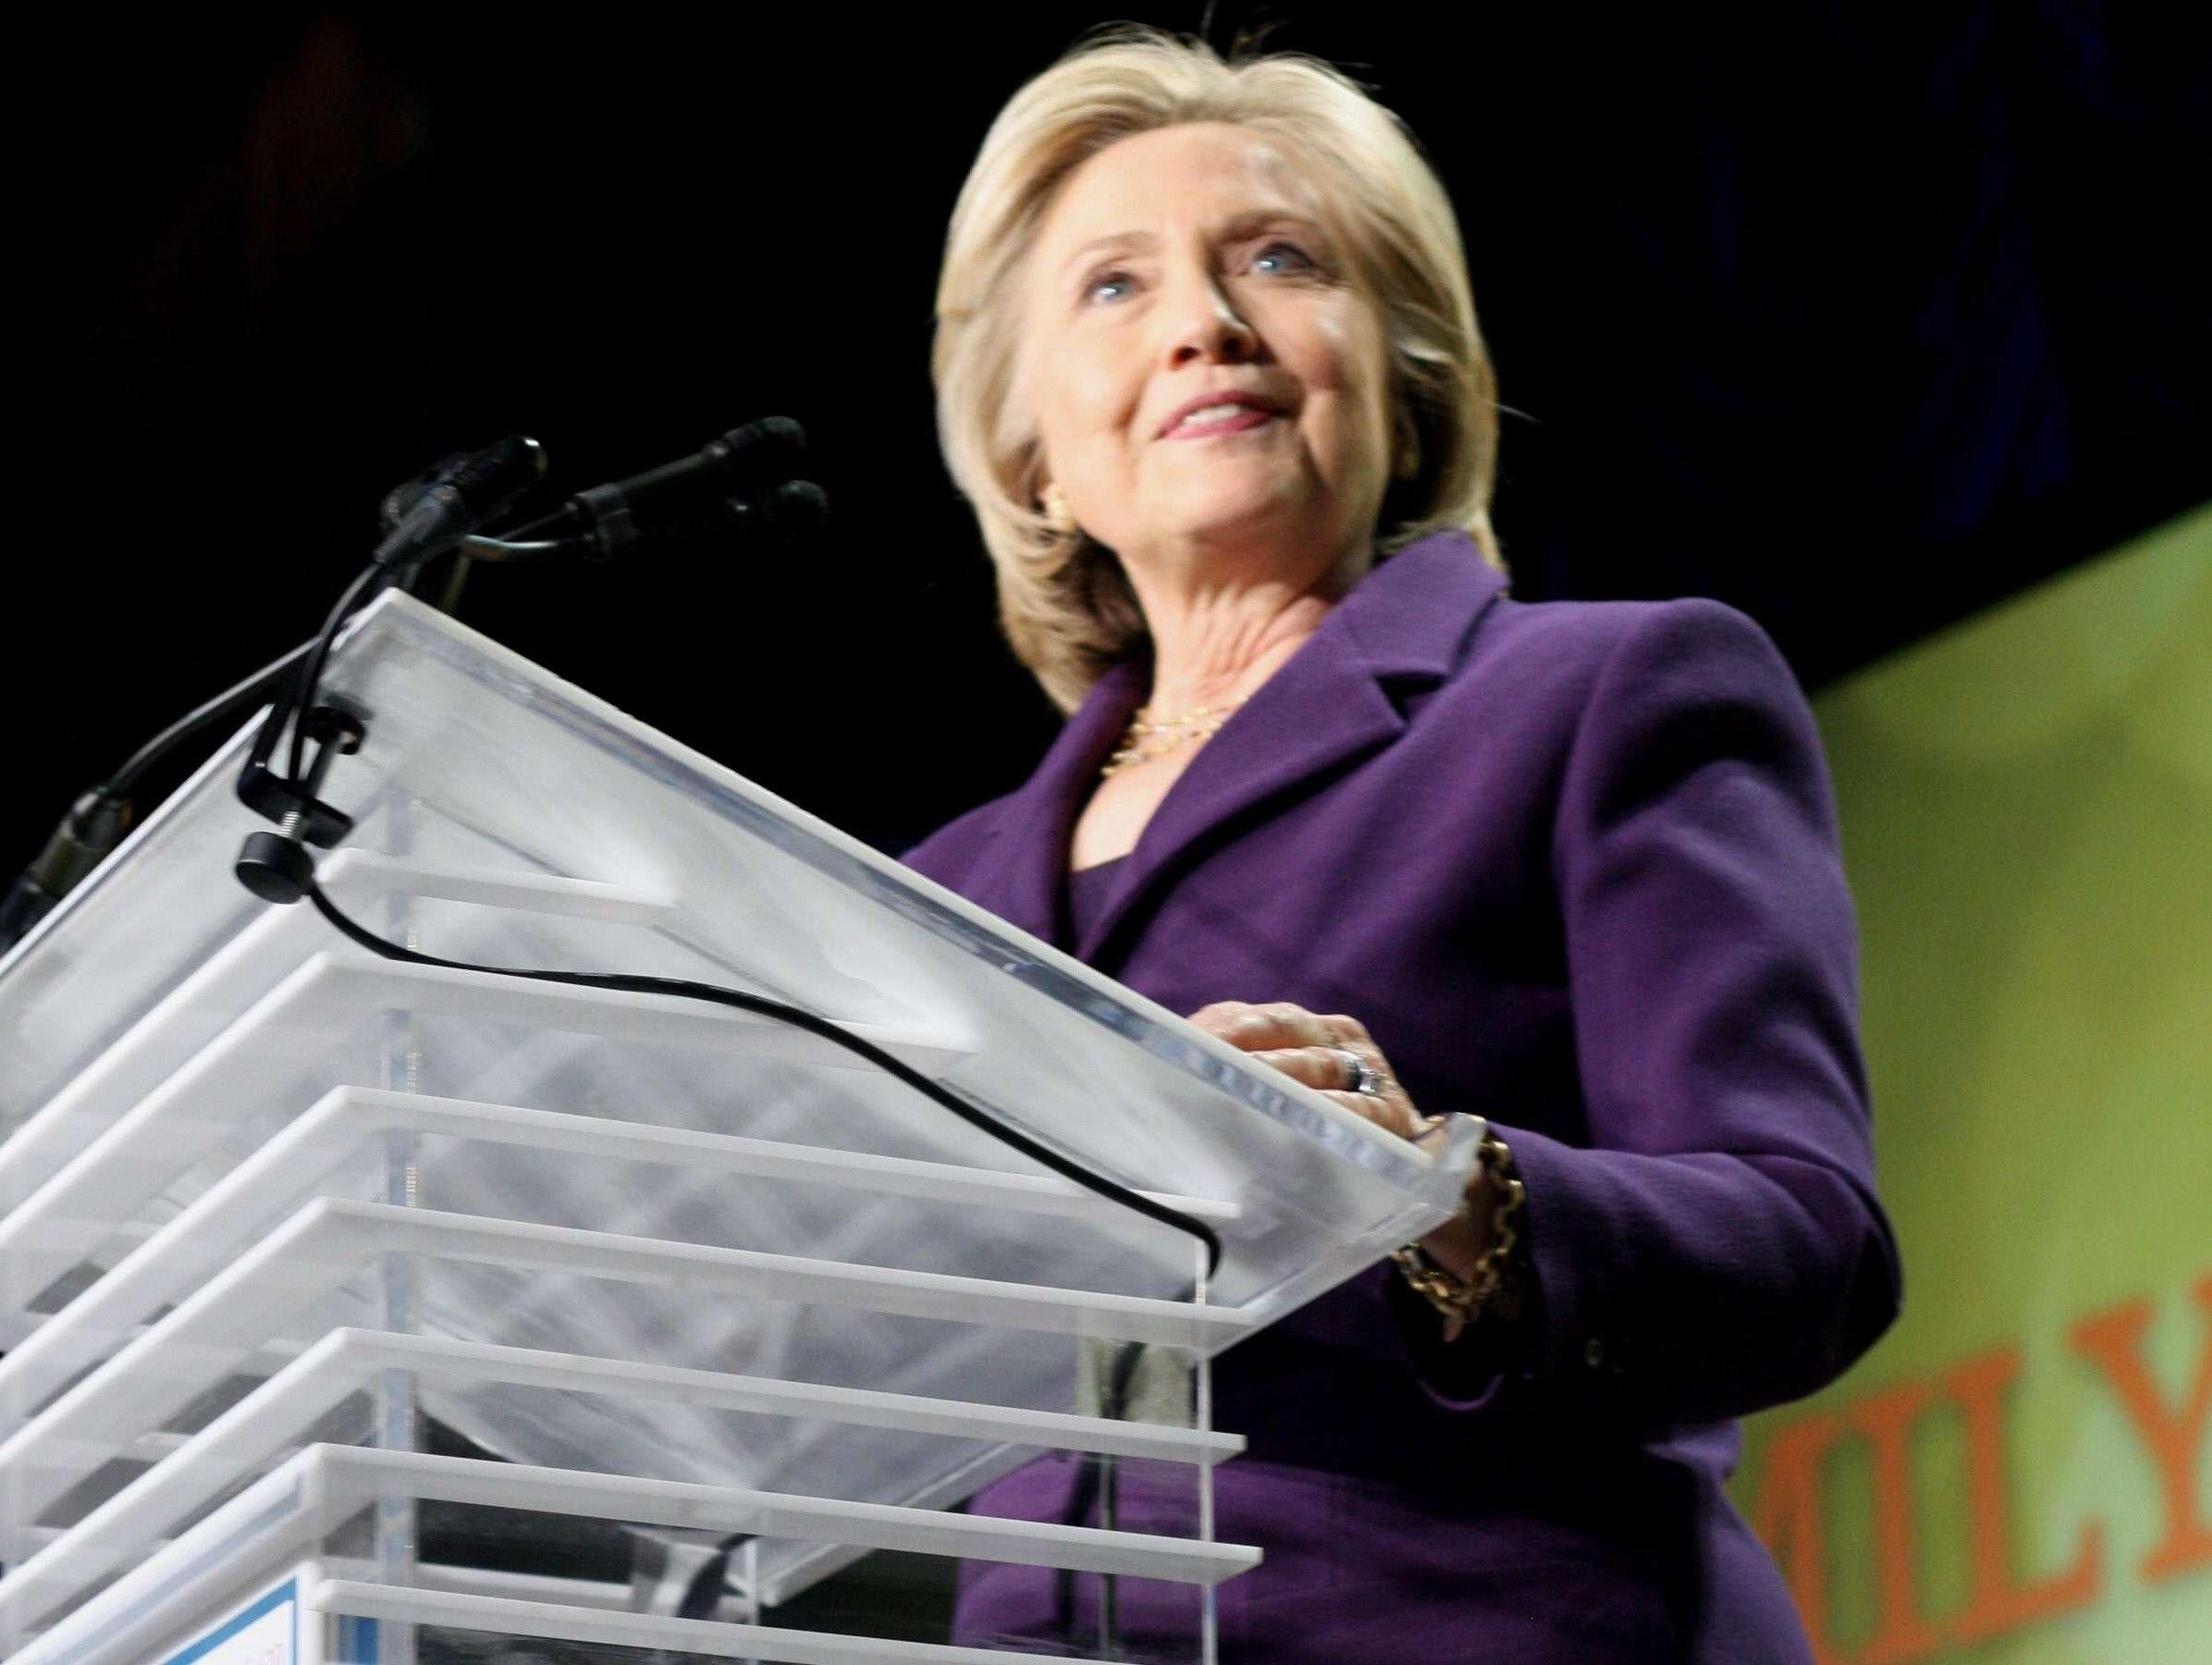 La exsecretaria de Estado Hillary Clinton (i) durante su discurso tras recibir ayer, en Washington, un premio a su trayectoria en el 30 aniversario de la organización demócrata EMILY's List. Foto: EFE en español